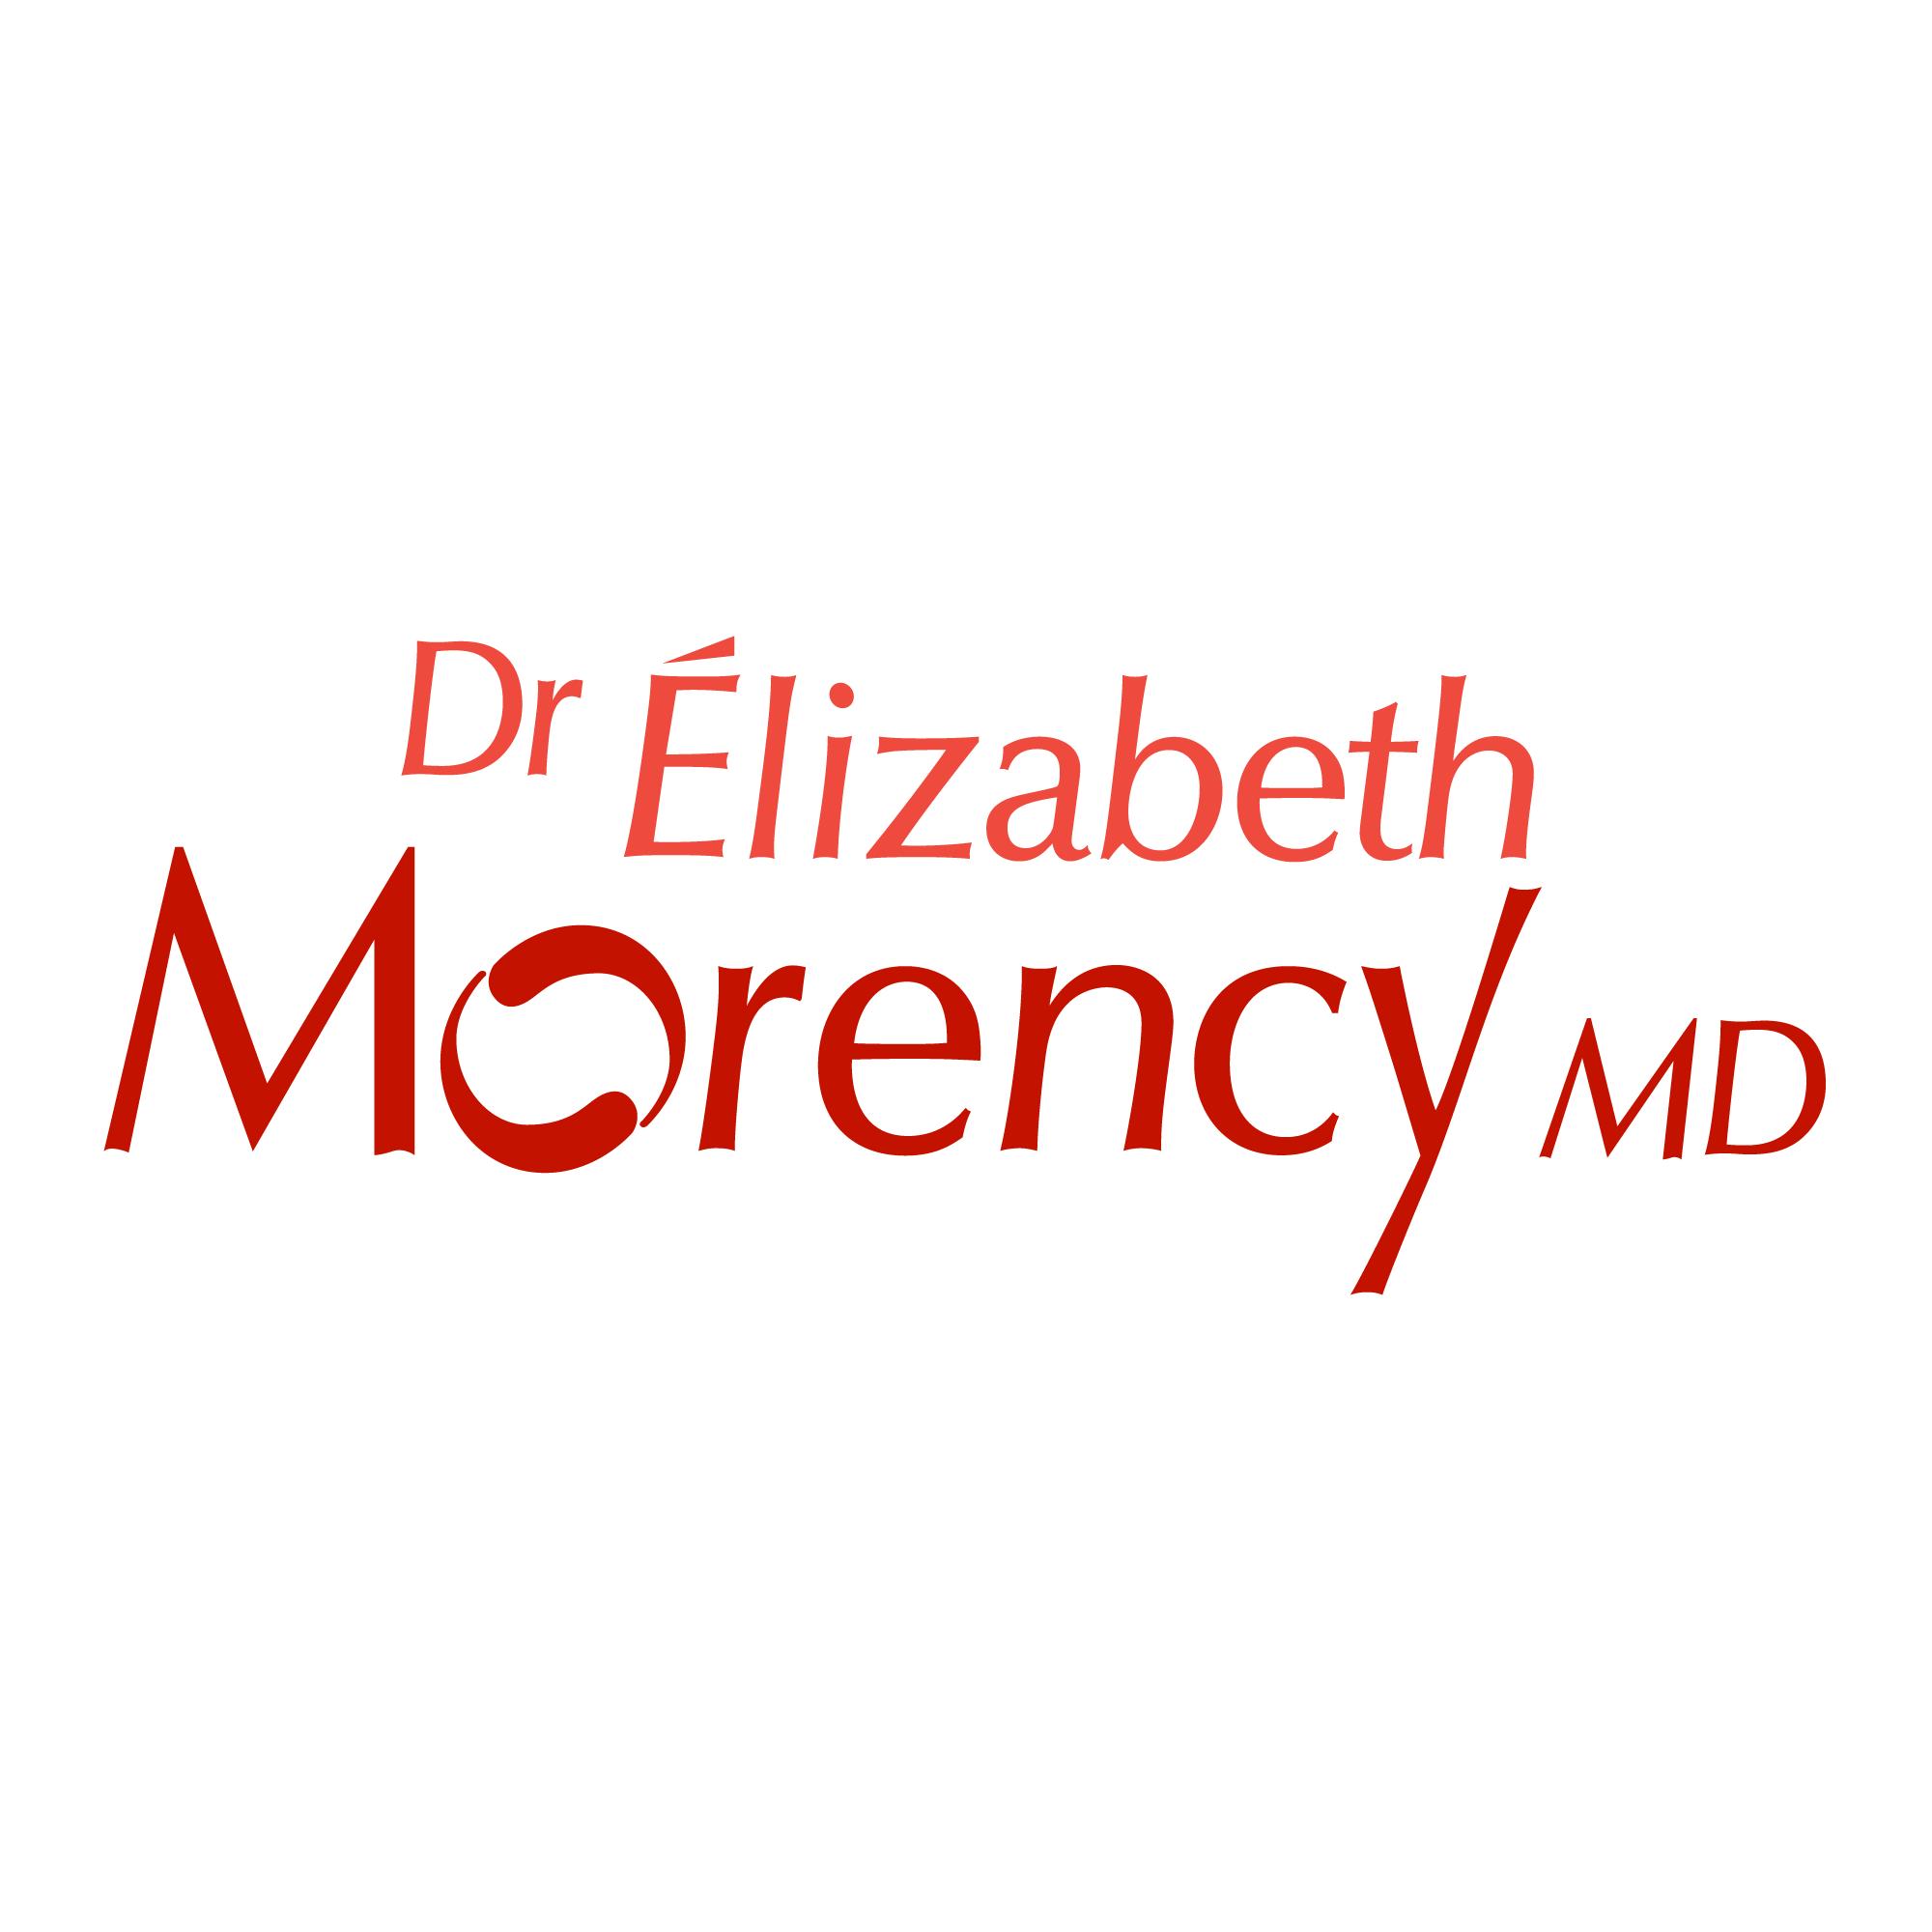 Dr Elizabeth Morency MD - Médecins et chirurgiens - 418-650-6652